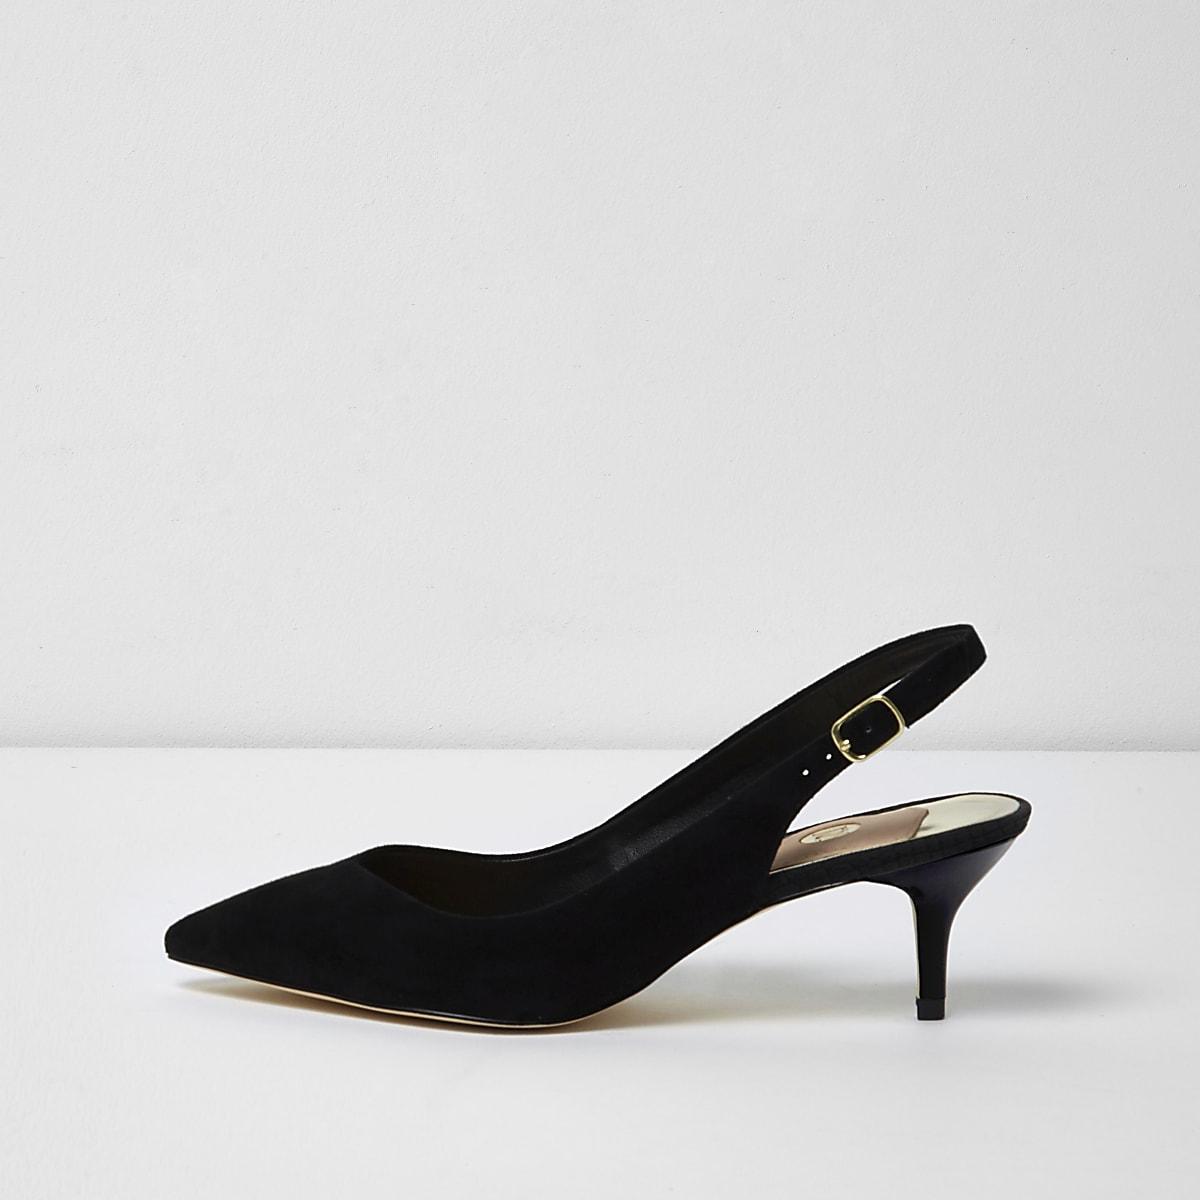 d73d70eec83ec Black slingback kitten heel court shoes Black slingback kitten heel court  shoes ...